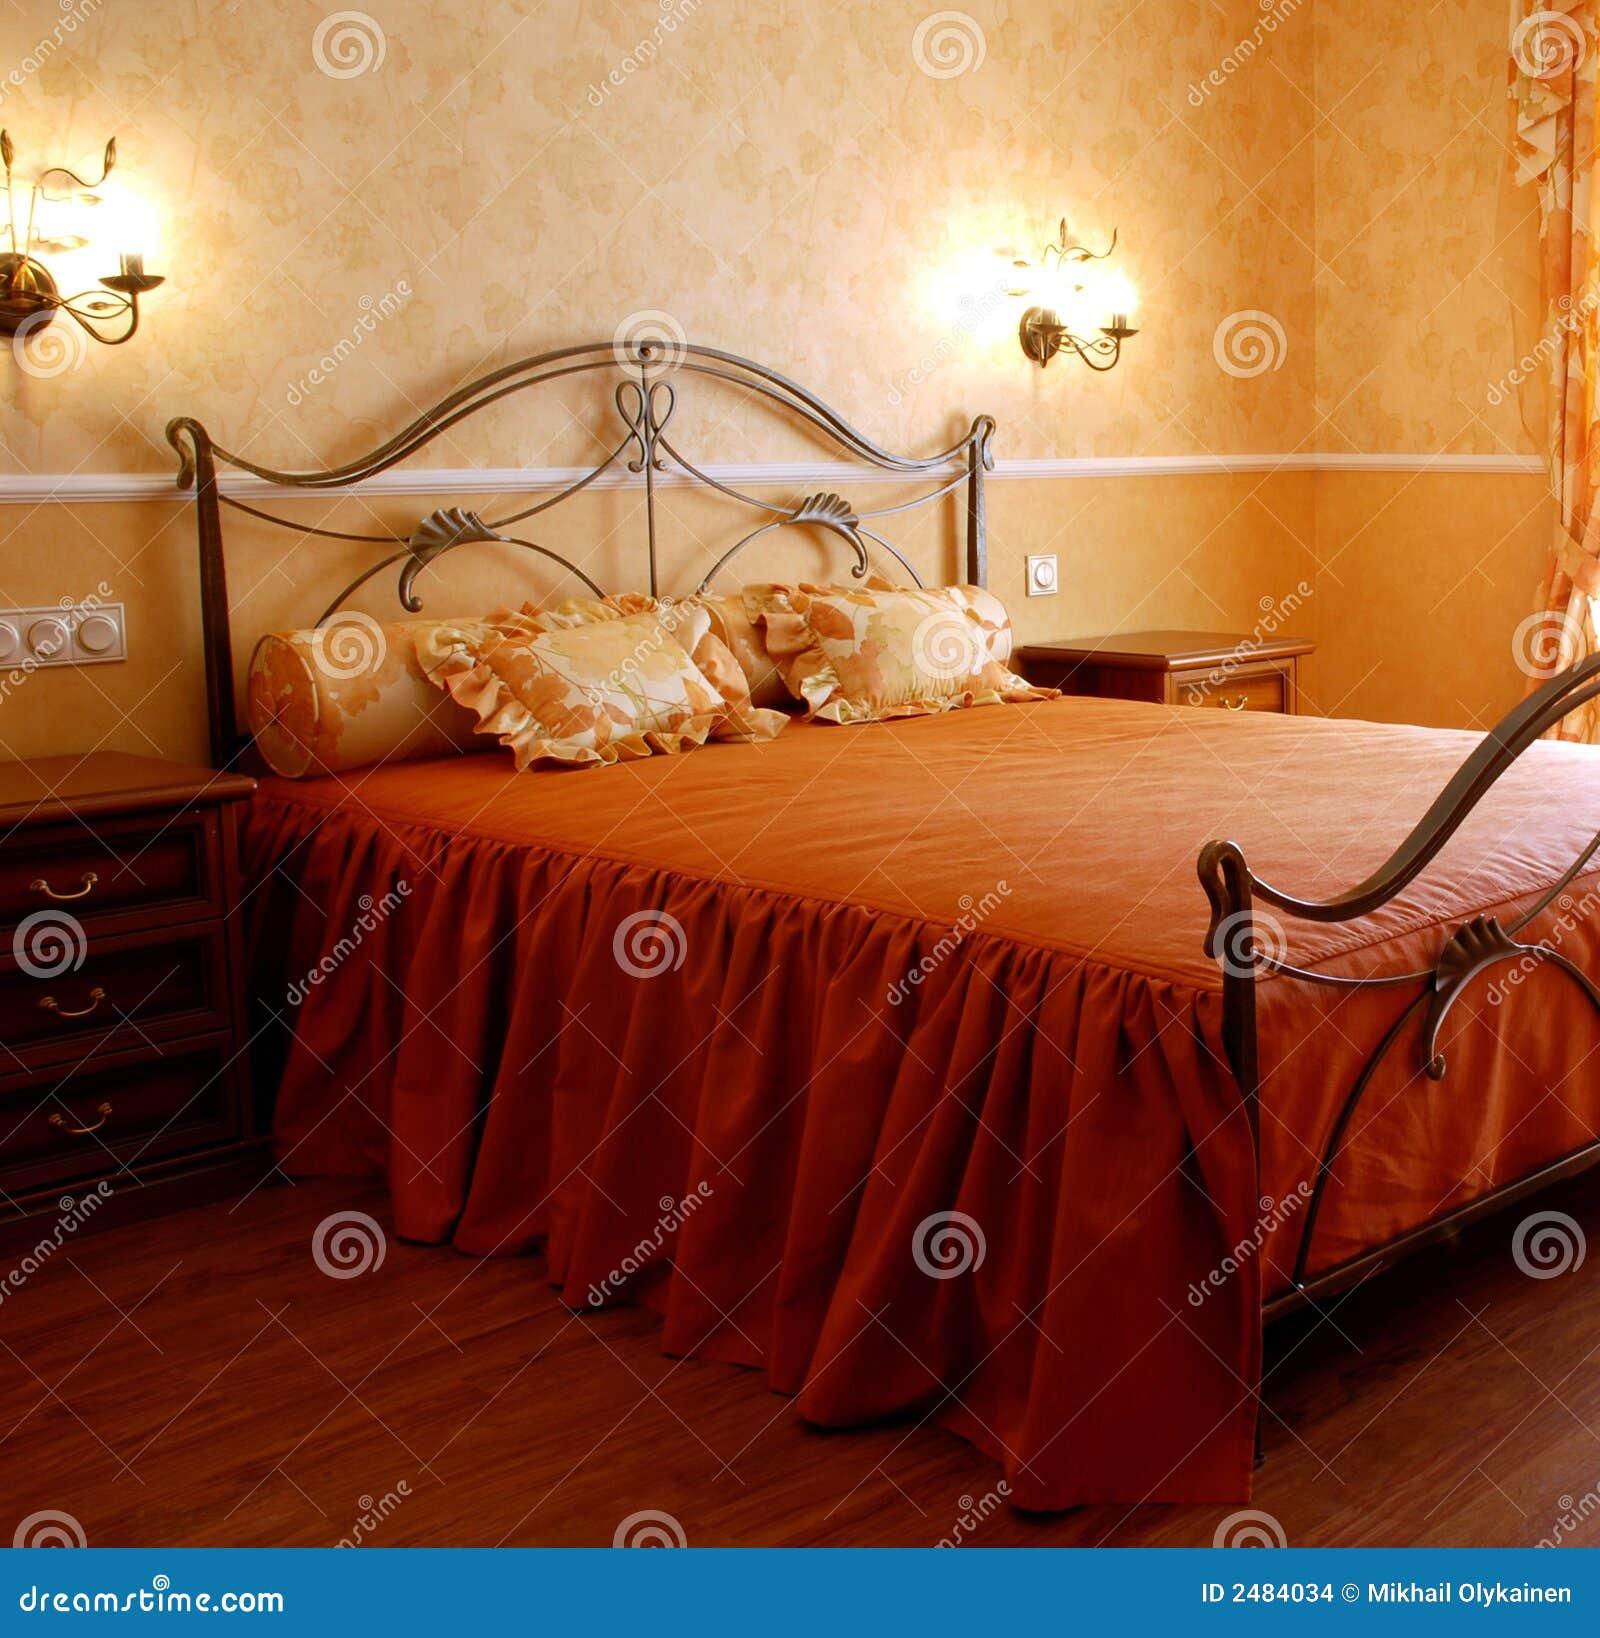 Romantische slaapkamer stock afbeeldingen beeld 2484034 - Romantische slaapkamer ...